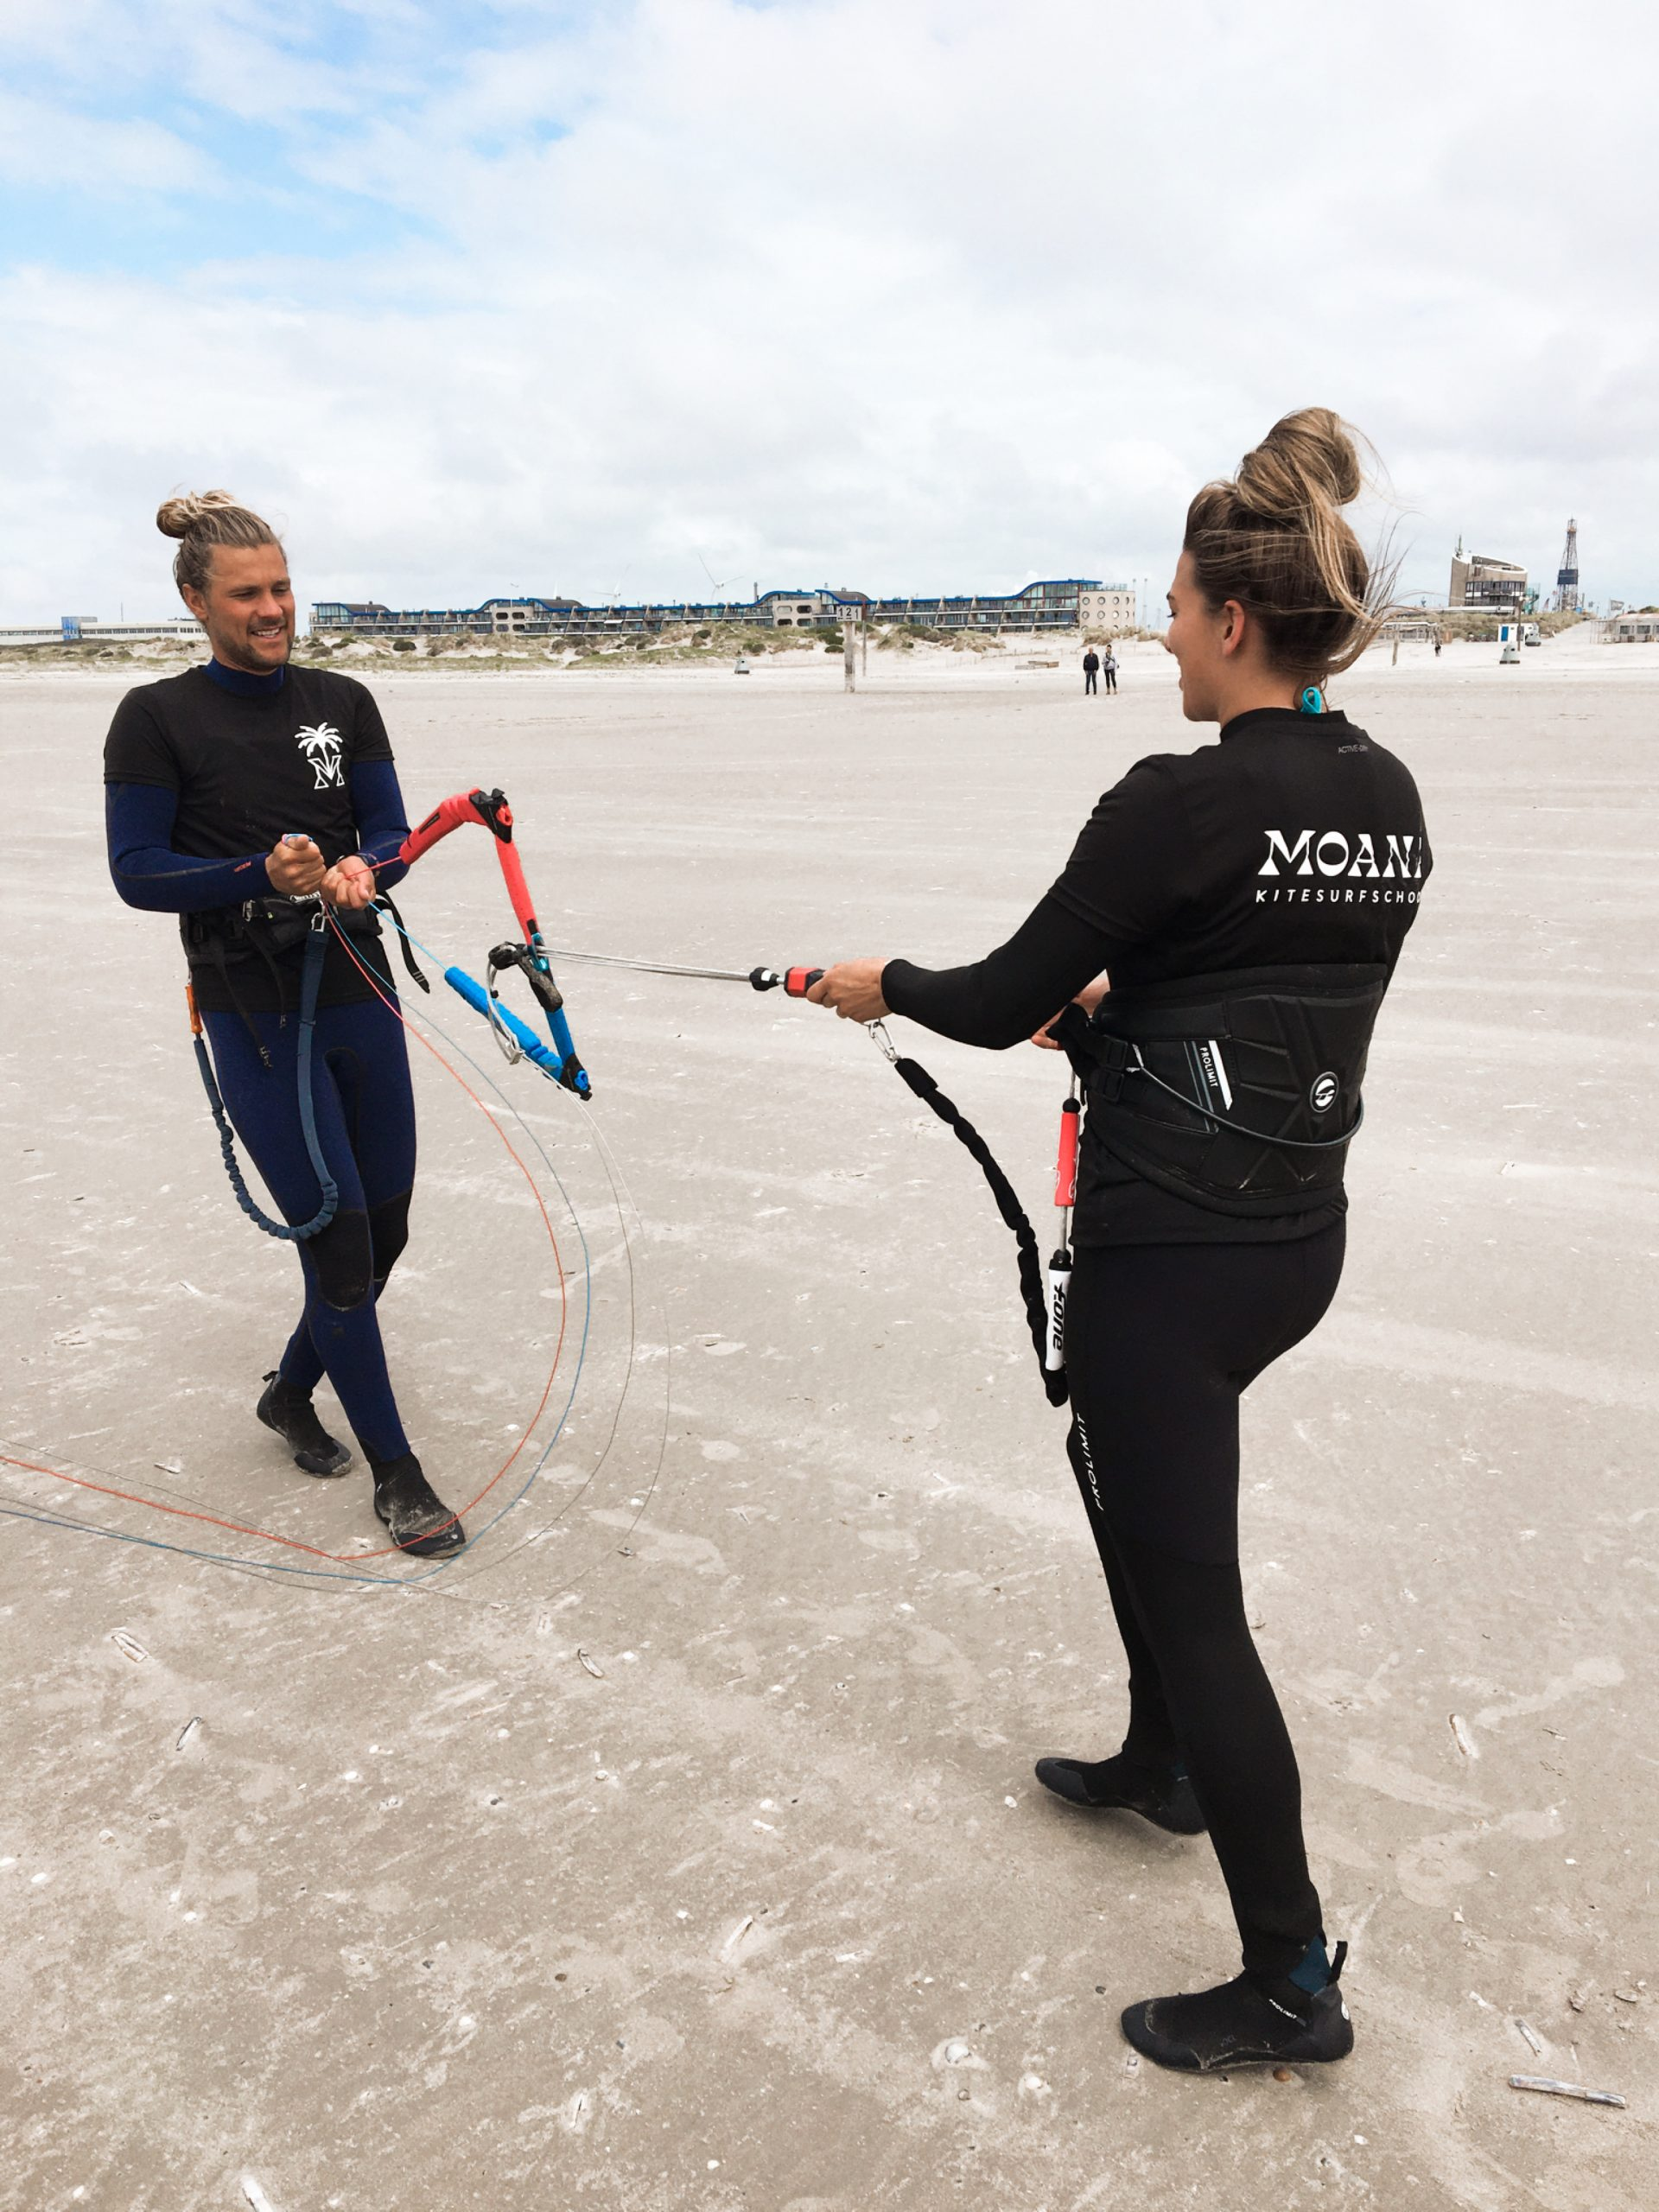 Leren kitesurfen met een introductie kitesurfles bij moana